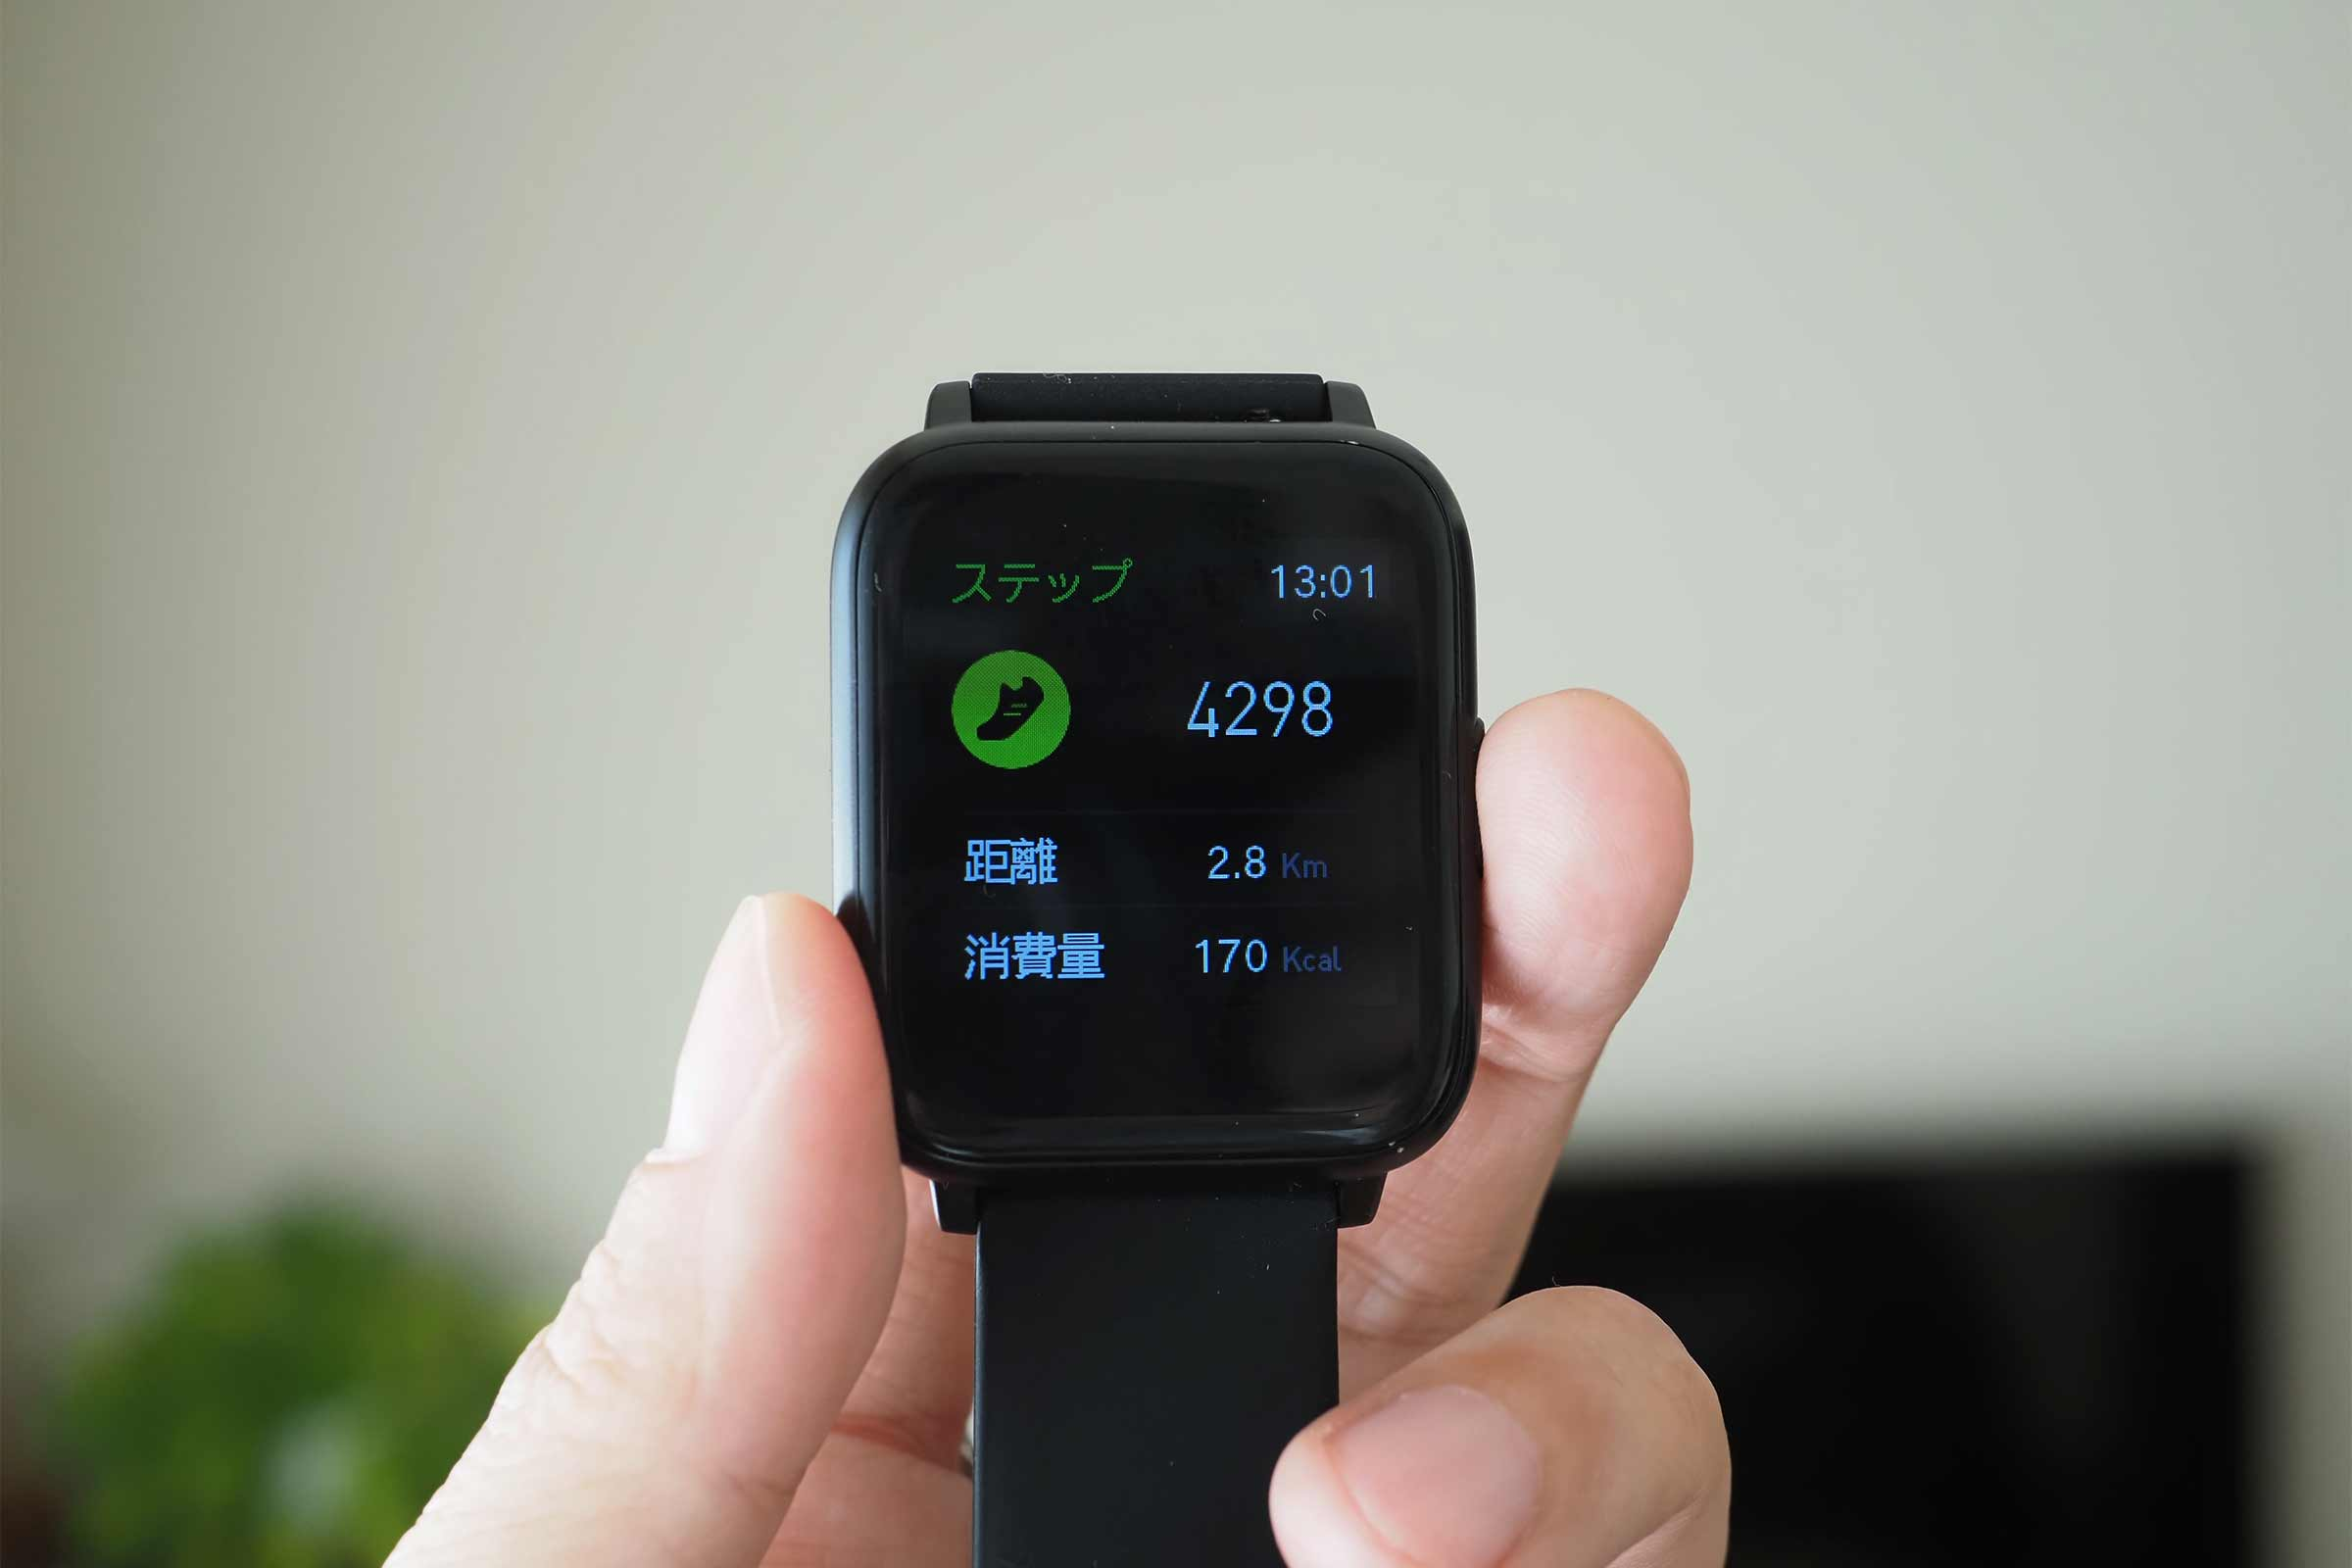 スマートウォッチ,Apple Watch,apple,高機能,安い,中華,万歩計